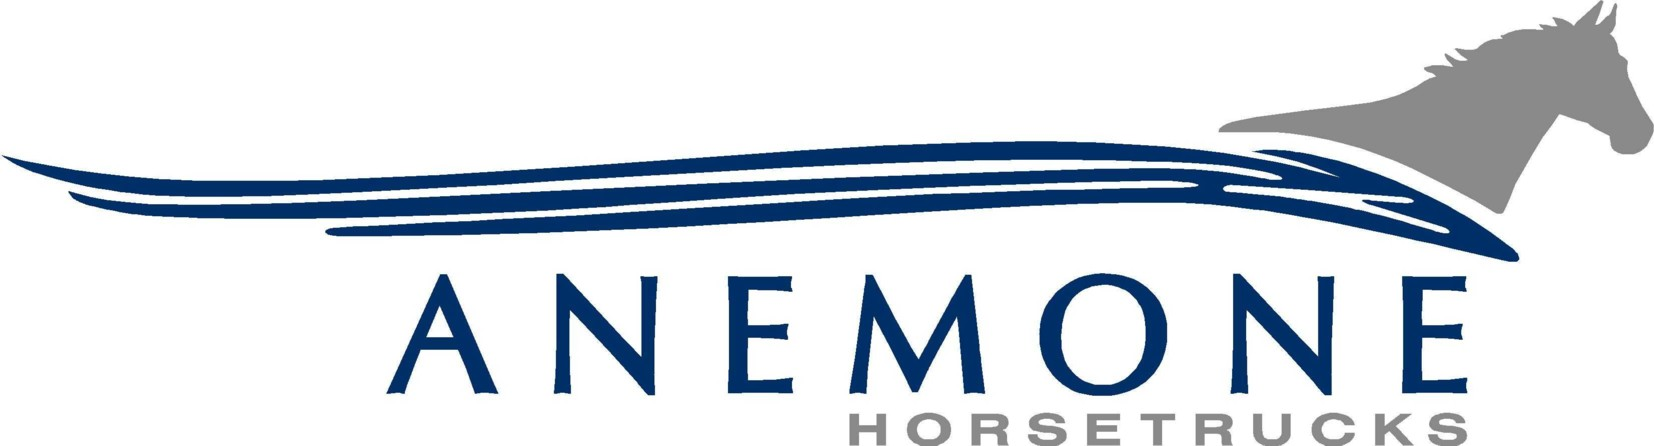 LogoAnemoneHorseTrucks_1